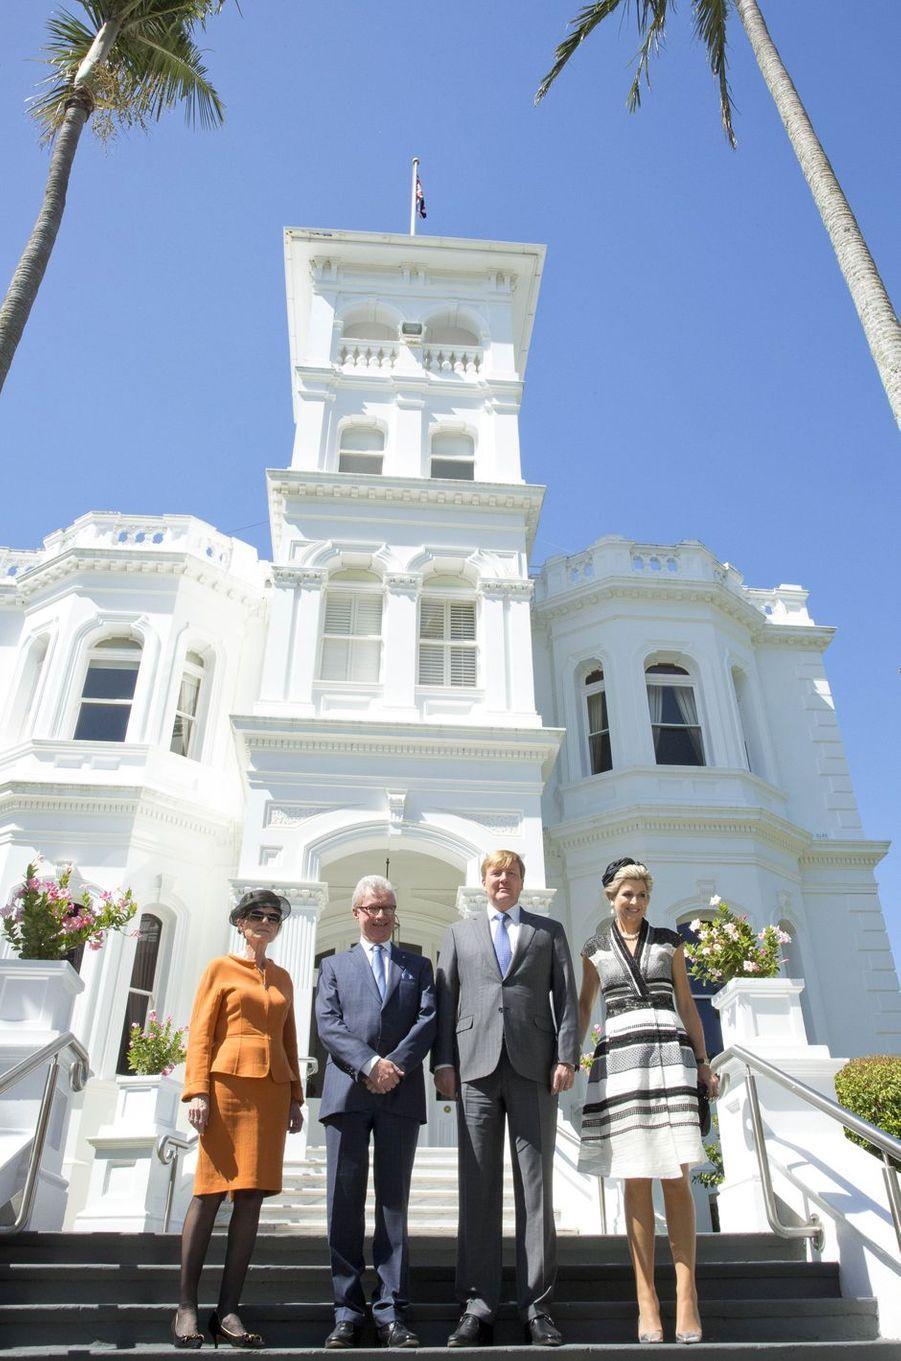 La reine Maxima et le roi Willem-Alexander des Pays-Bas avec Paul de Jersey, le gouverneur du Queensland, et sa femme à Brisbane, le 4 novembre 2016